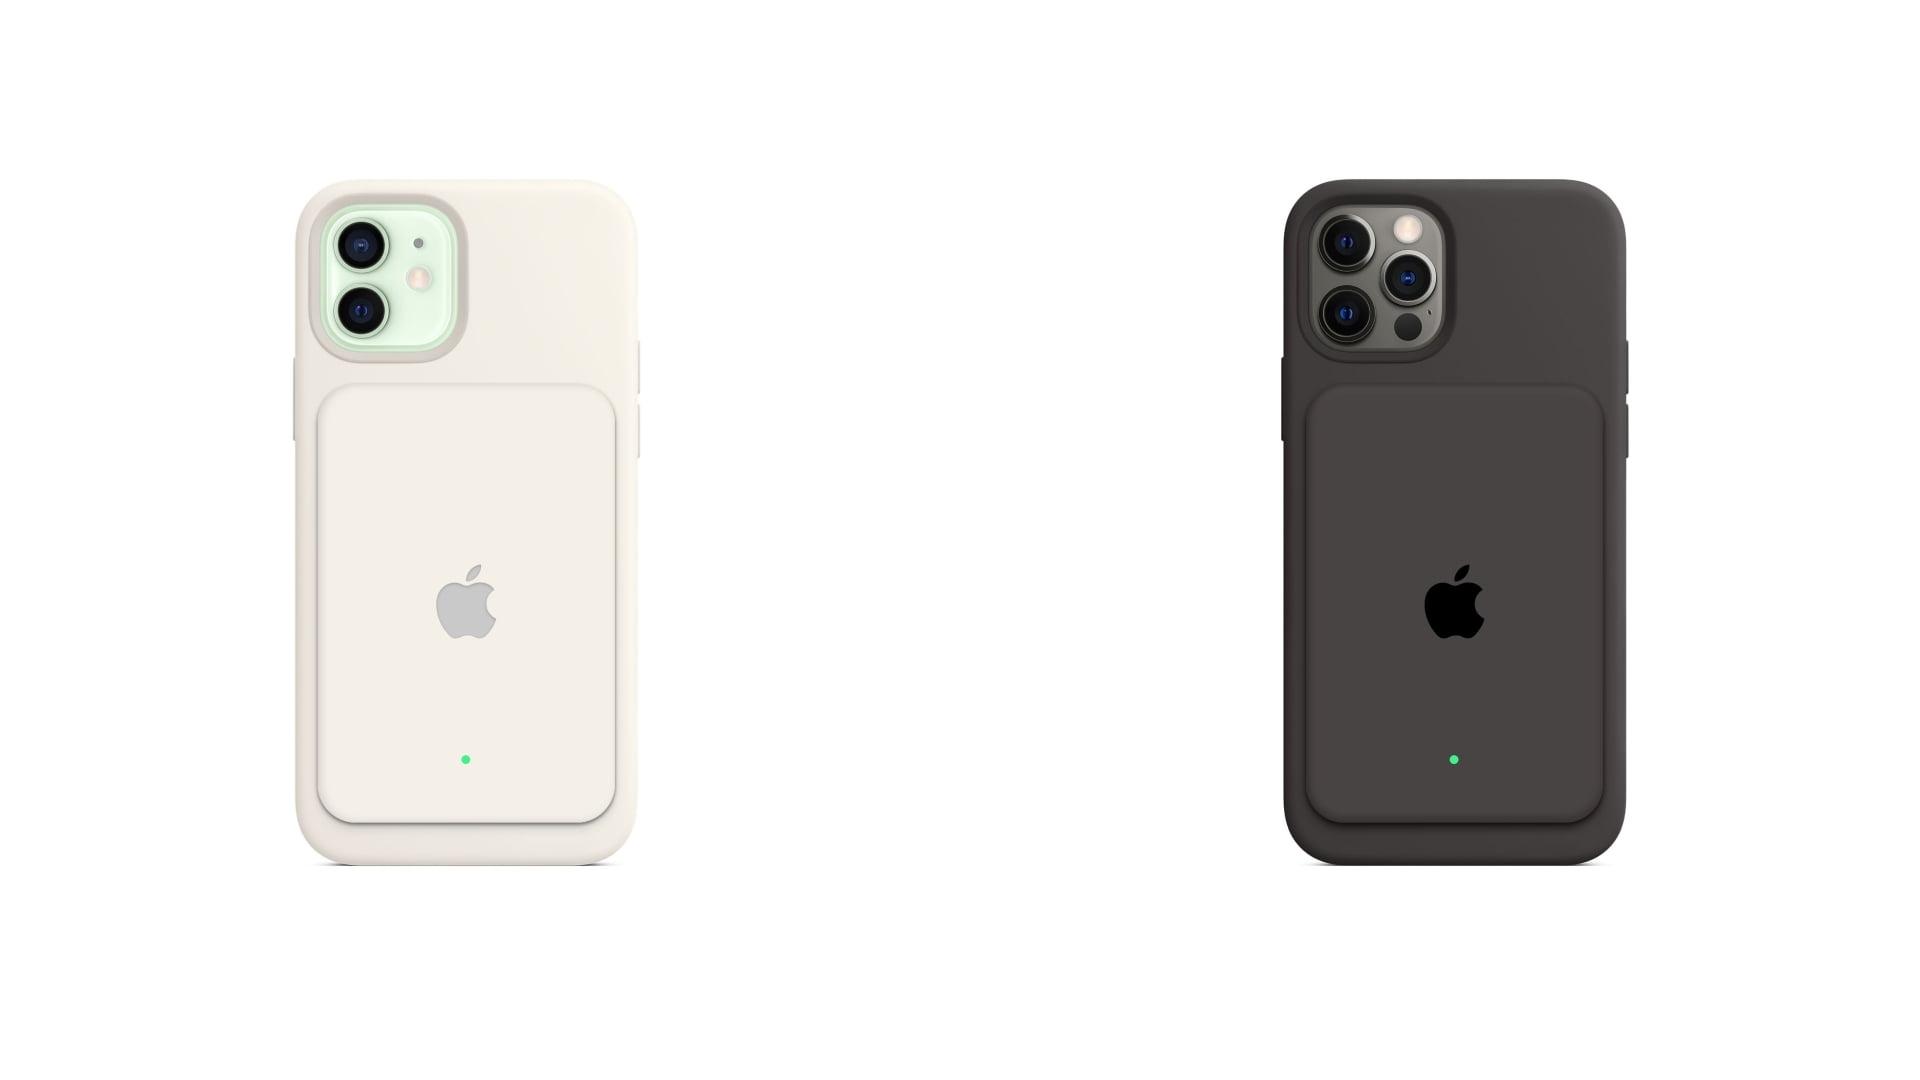 Koncepcja wyglądu baterii MagSafe dla iPhone'ów 12